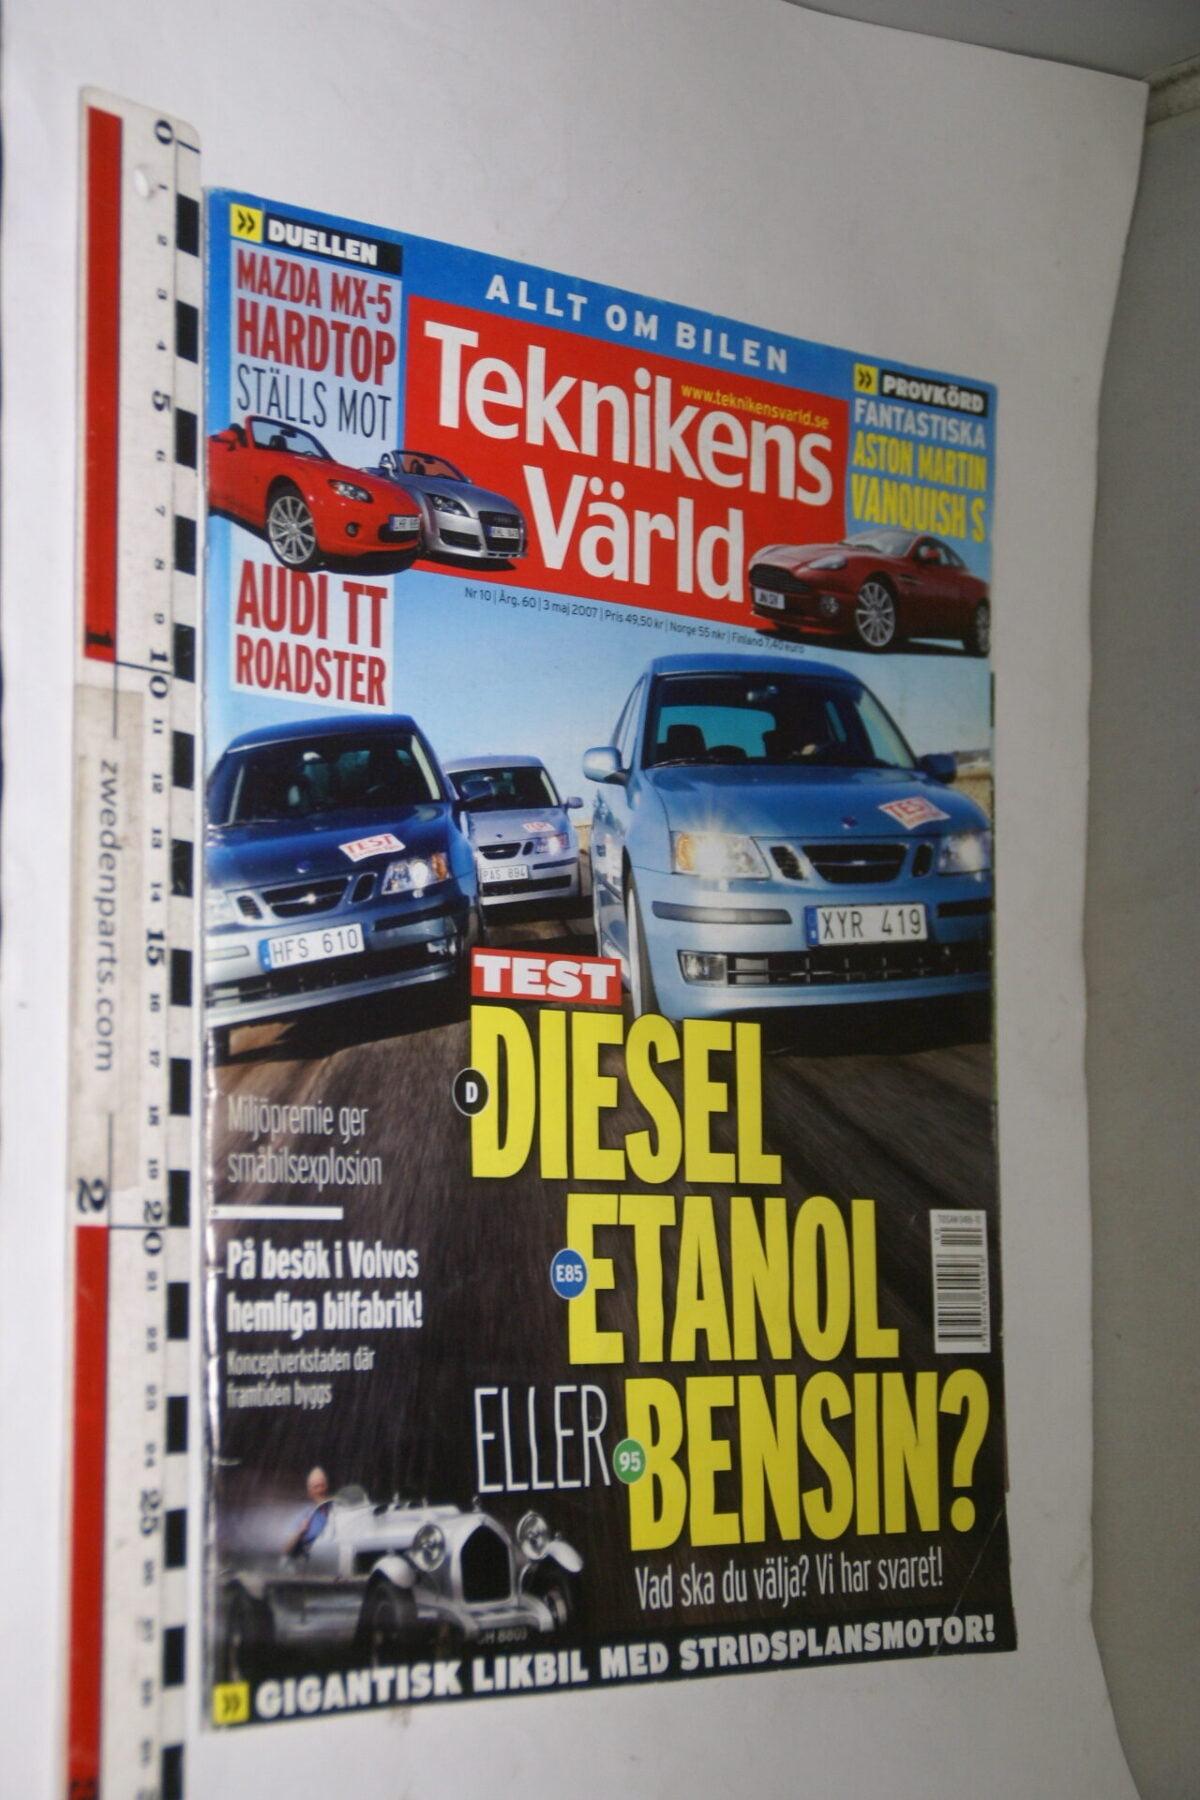 DSC08087 tijdschrift Teknikens Värld 3 mei 2007, Svenska-877a2cbc